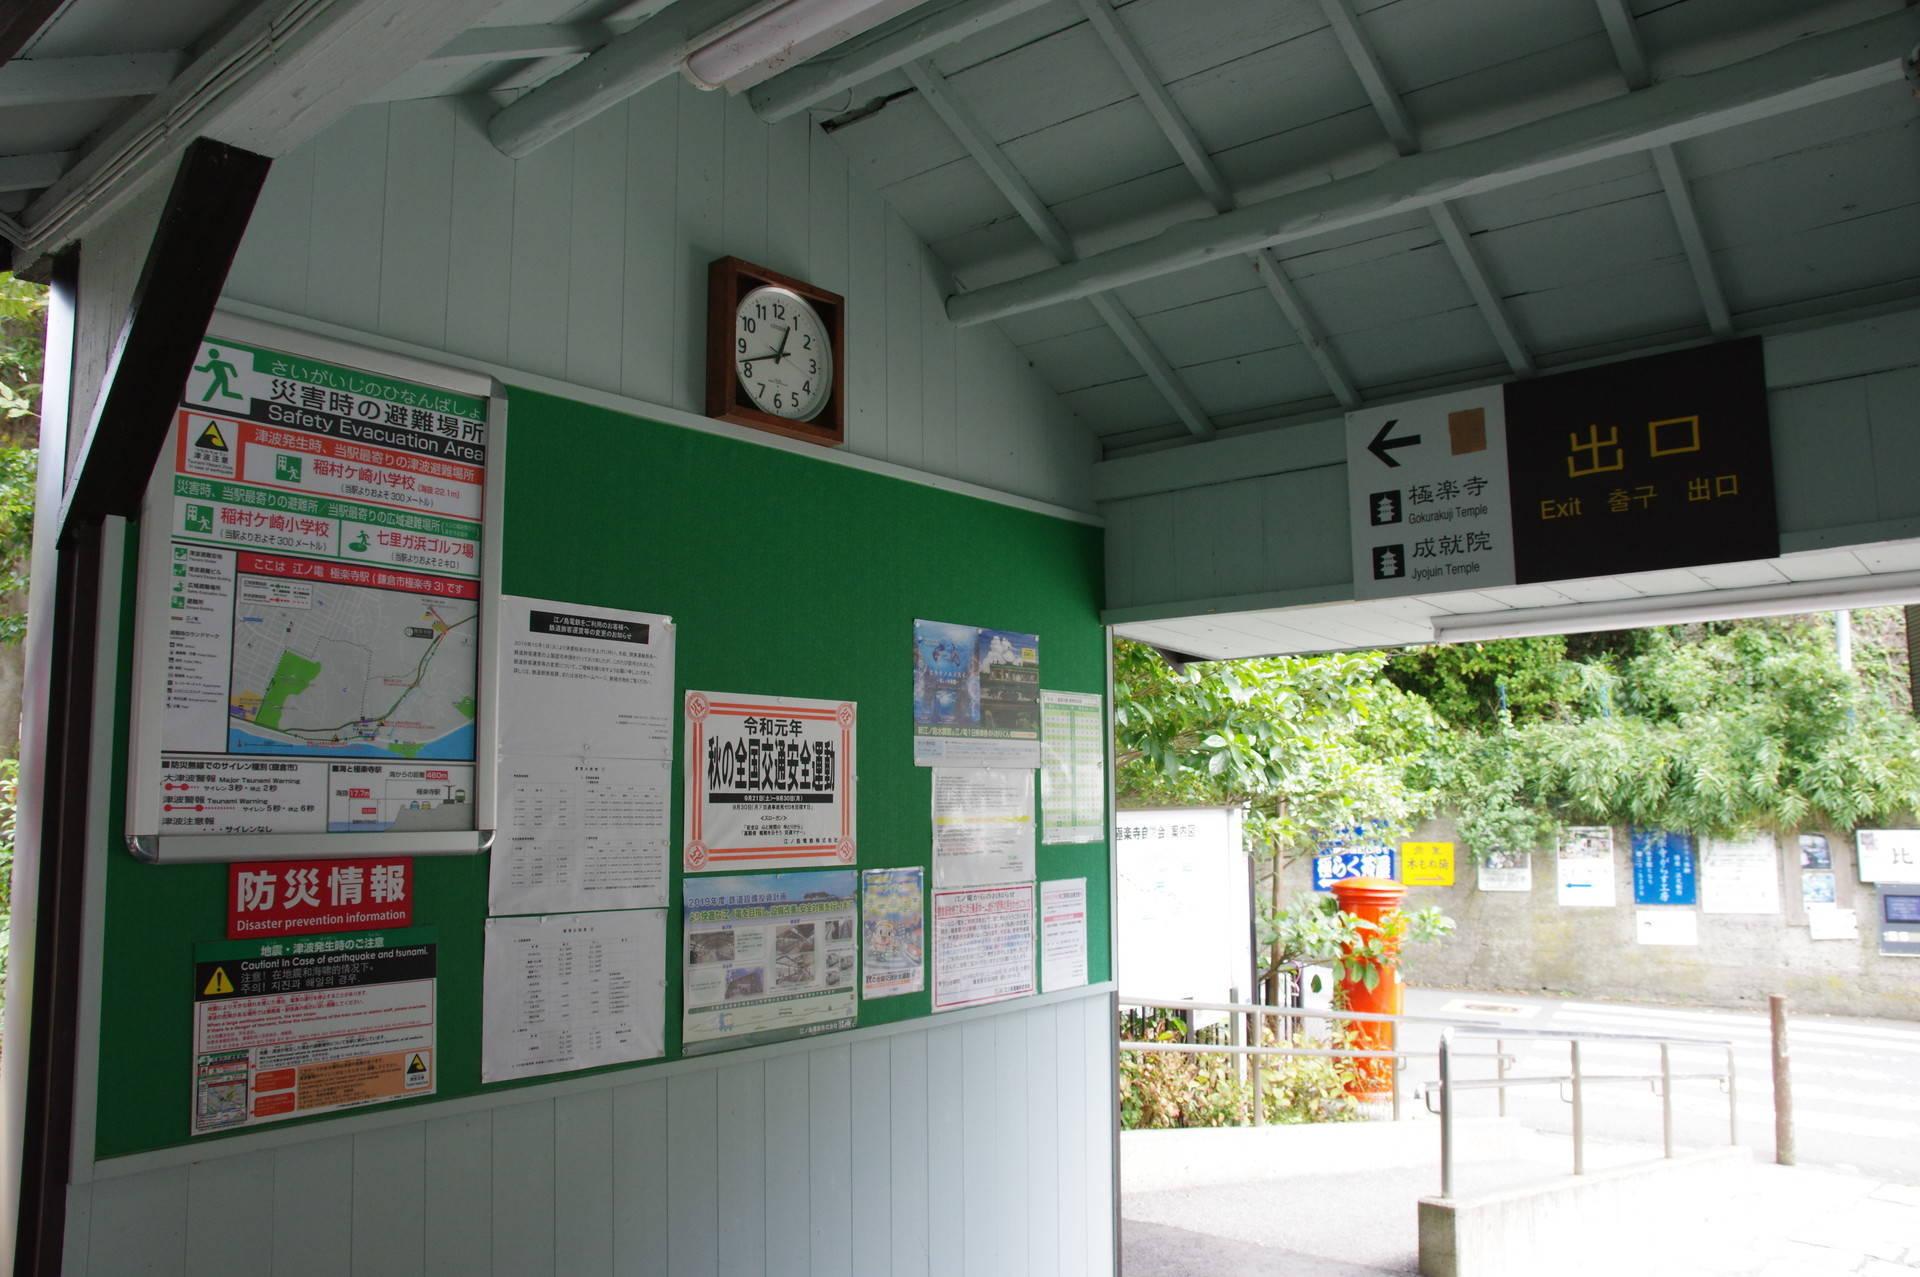 出口案内や掲示板が取り付けられた壁